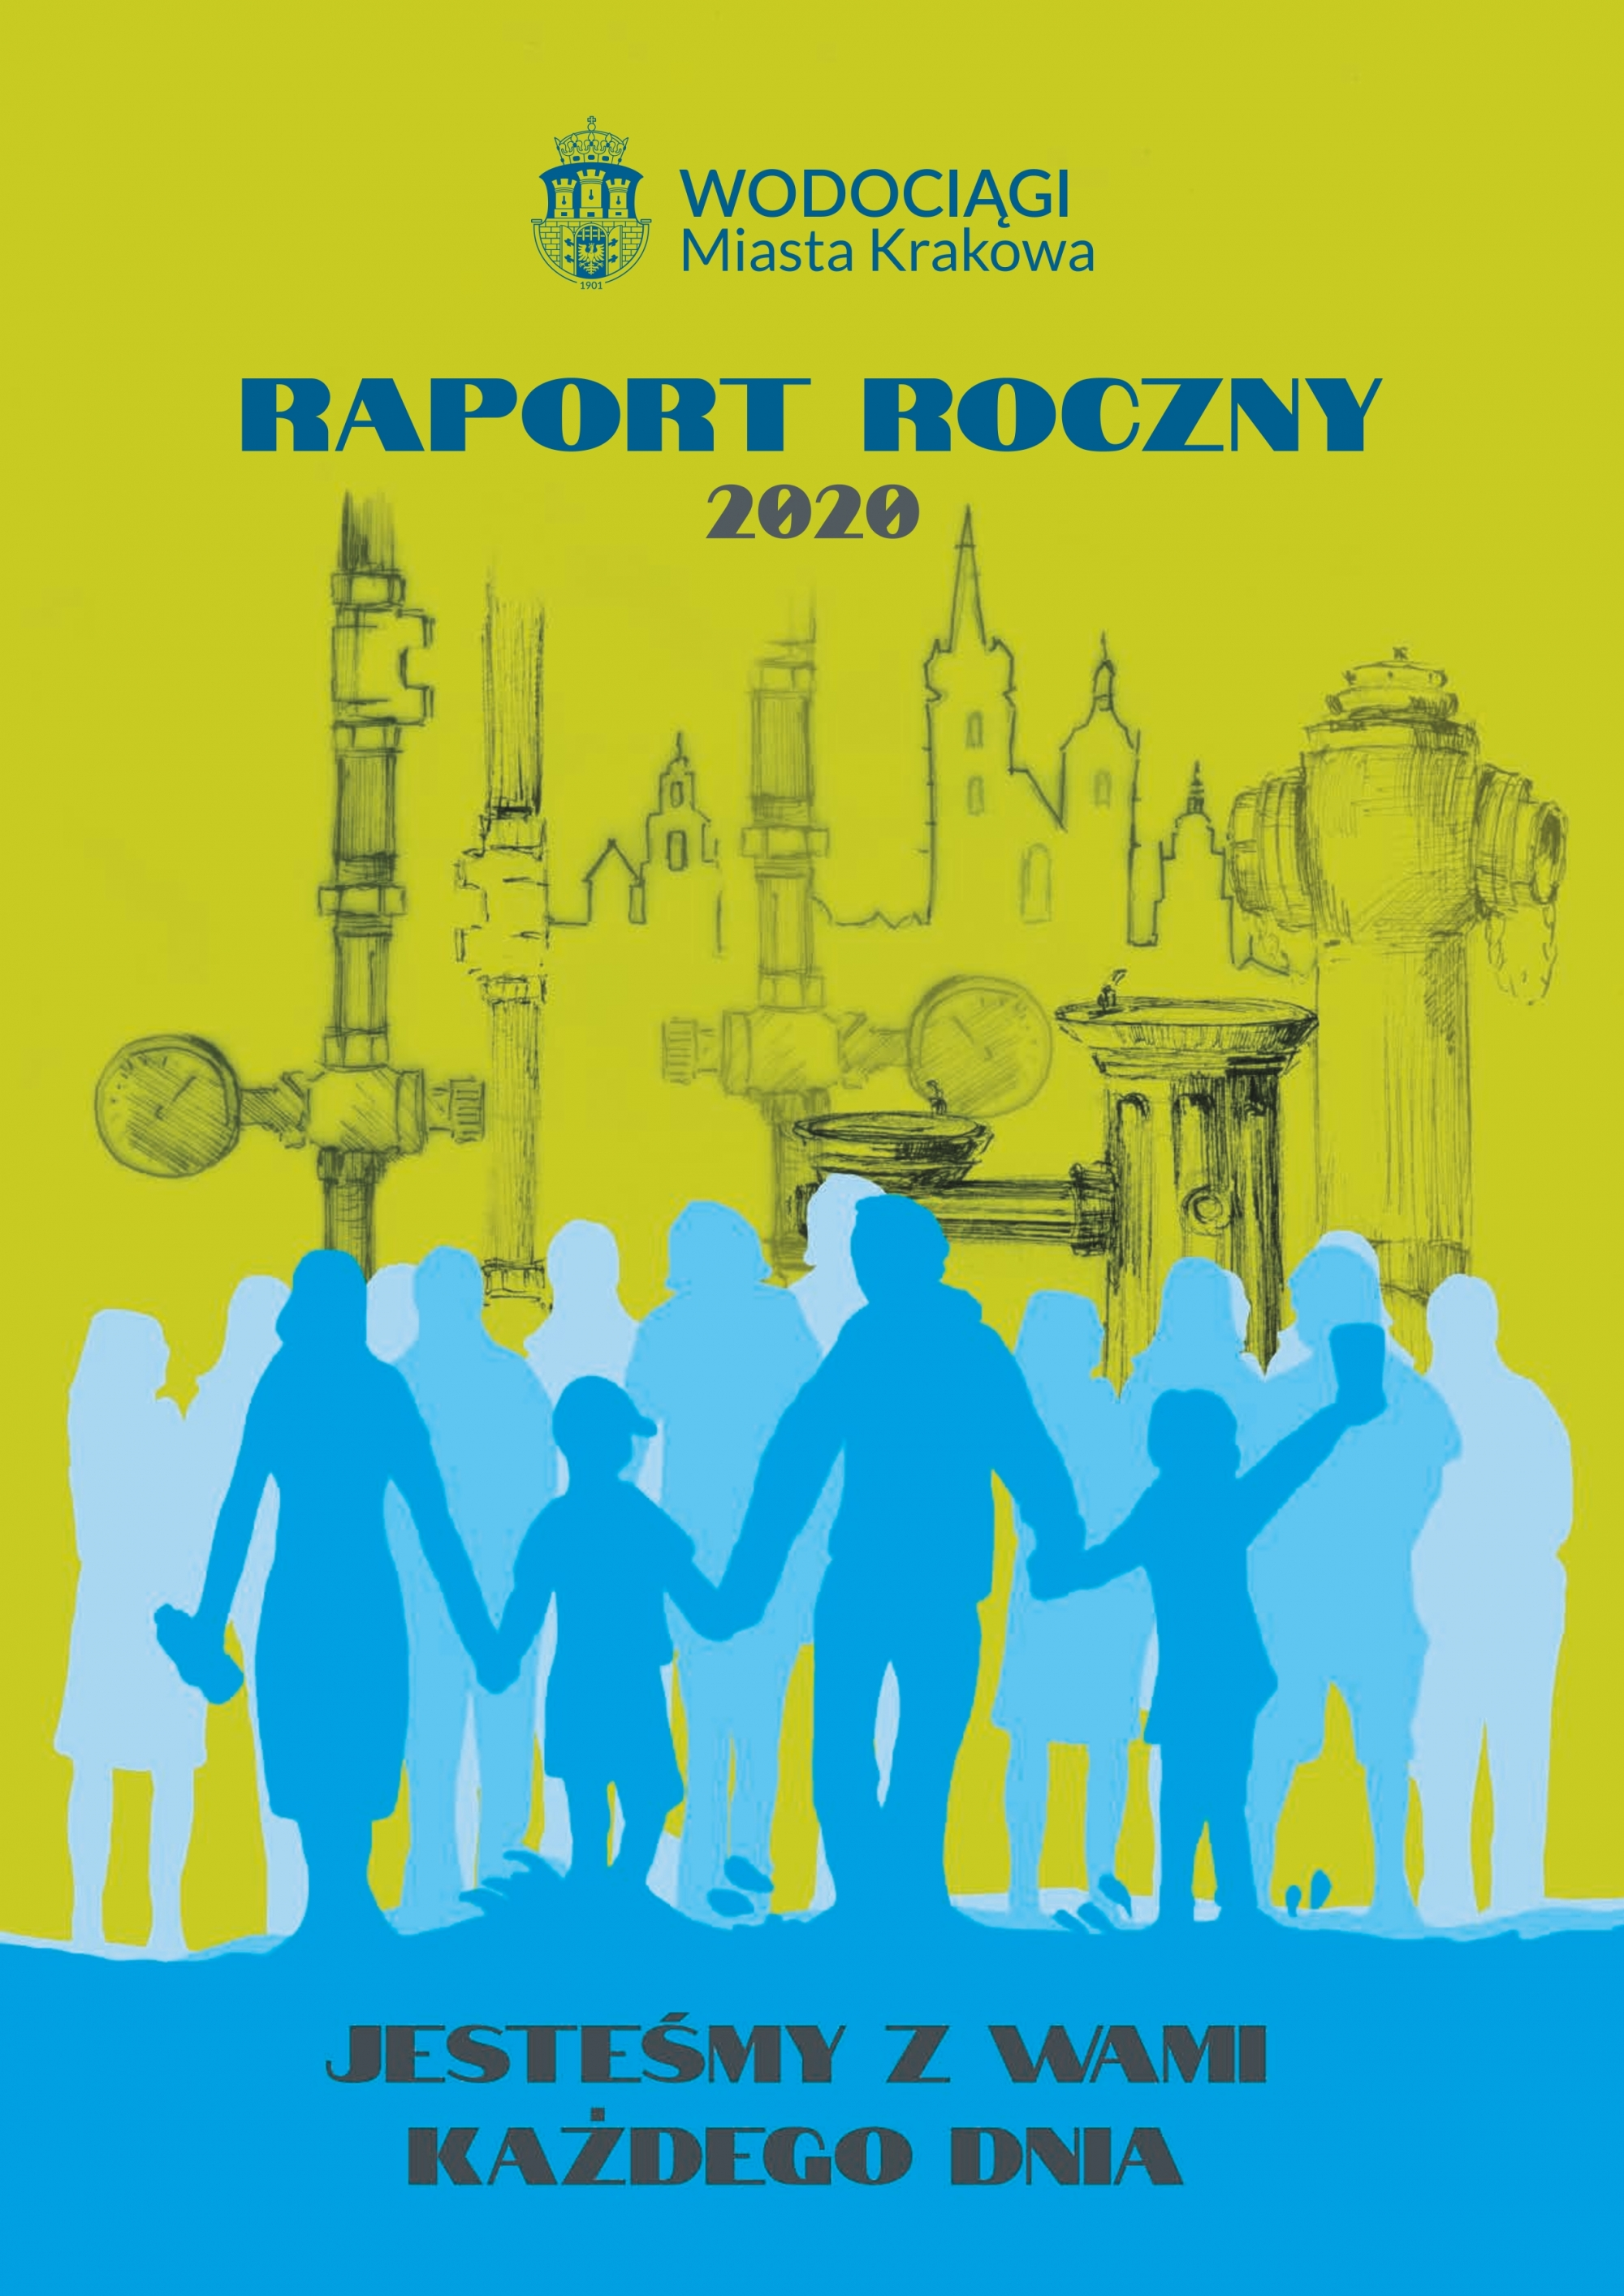 Tytuł: Zobacz raport roczny - 2020 - poszczególne strony dostępne tylko po kliknieciu na link